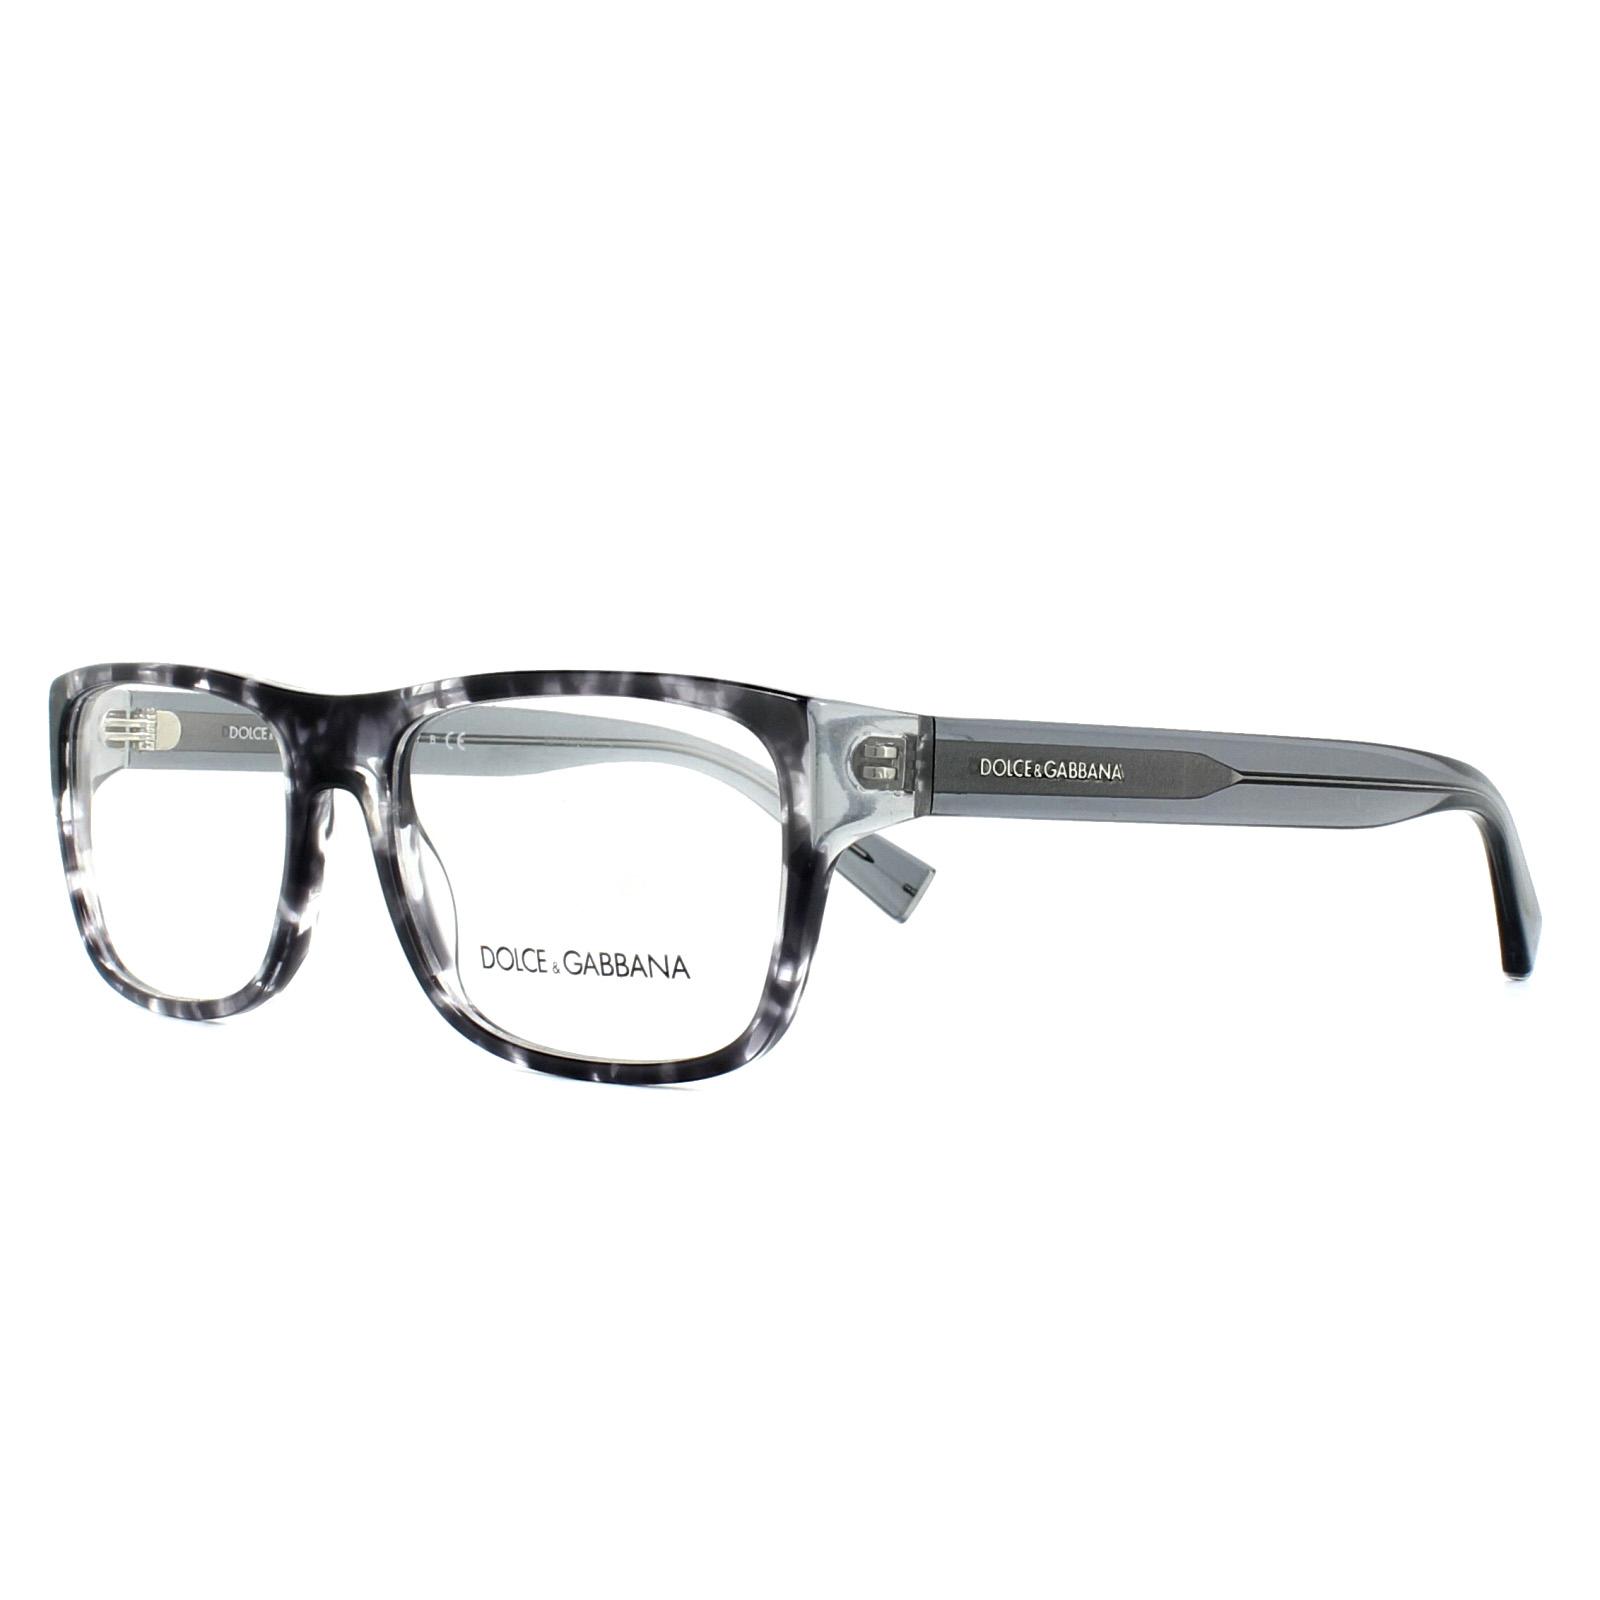 390e83d7280 Sentinel Dolce   Gabbana Glasses Frames DG 3276 3142 Havana Black Clear 54mm  Mens